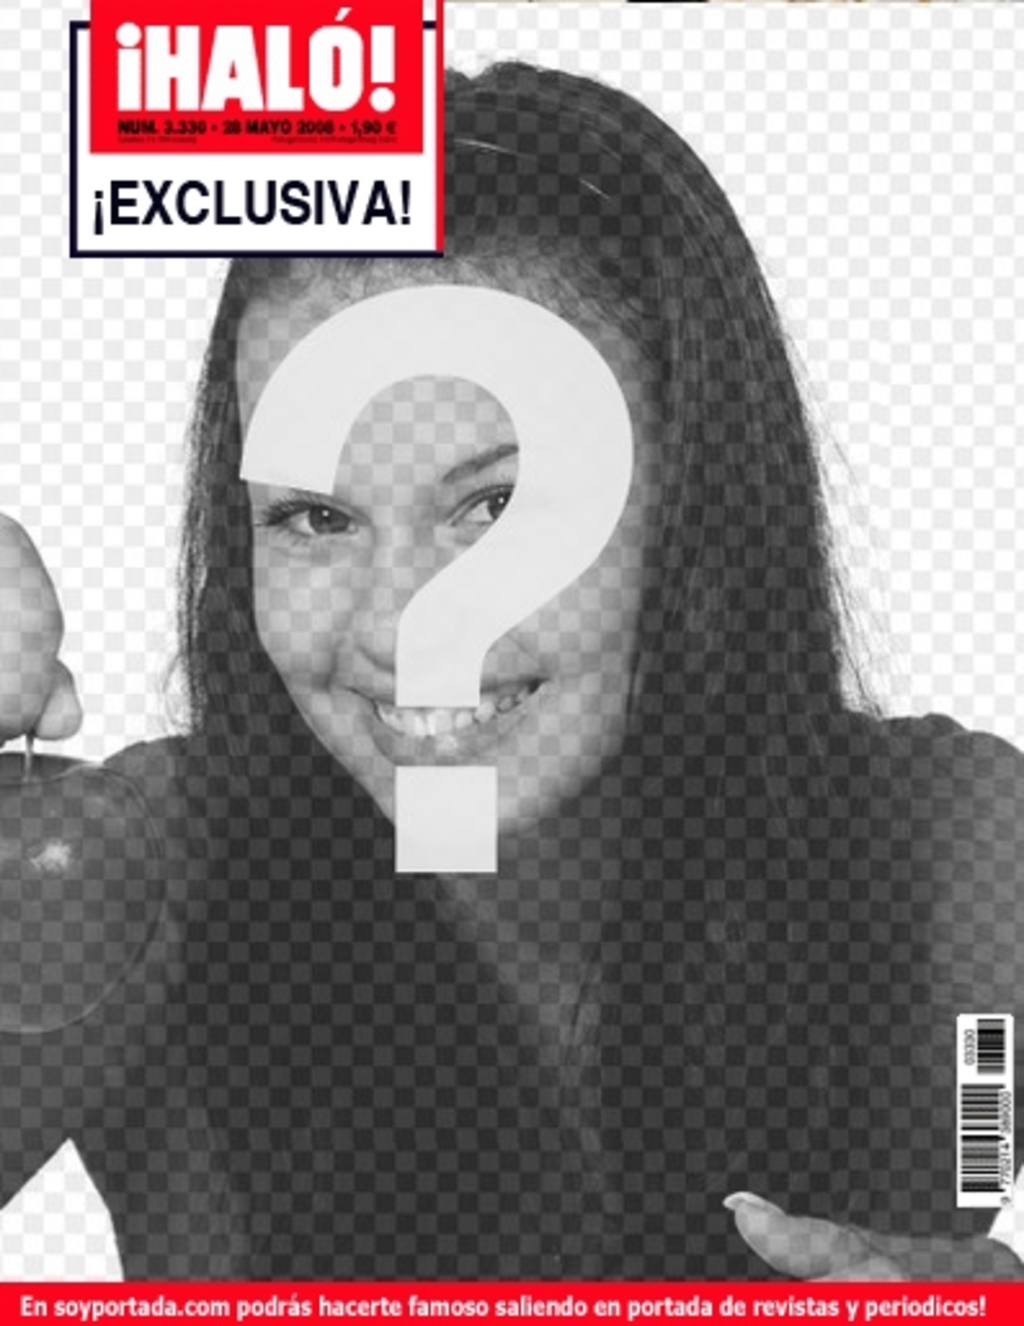 exclusiva portada revista prensa rosa halo escandalo